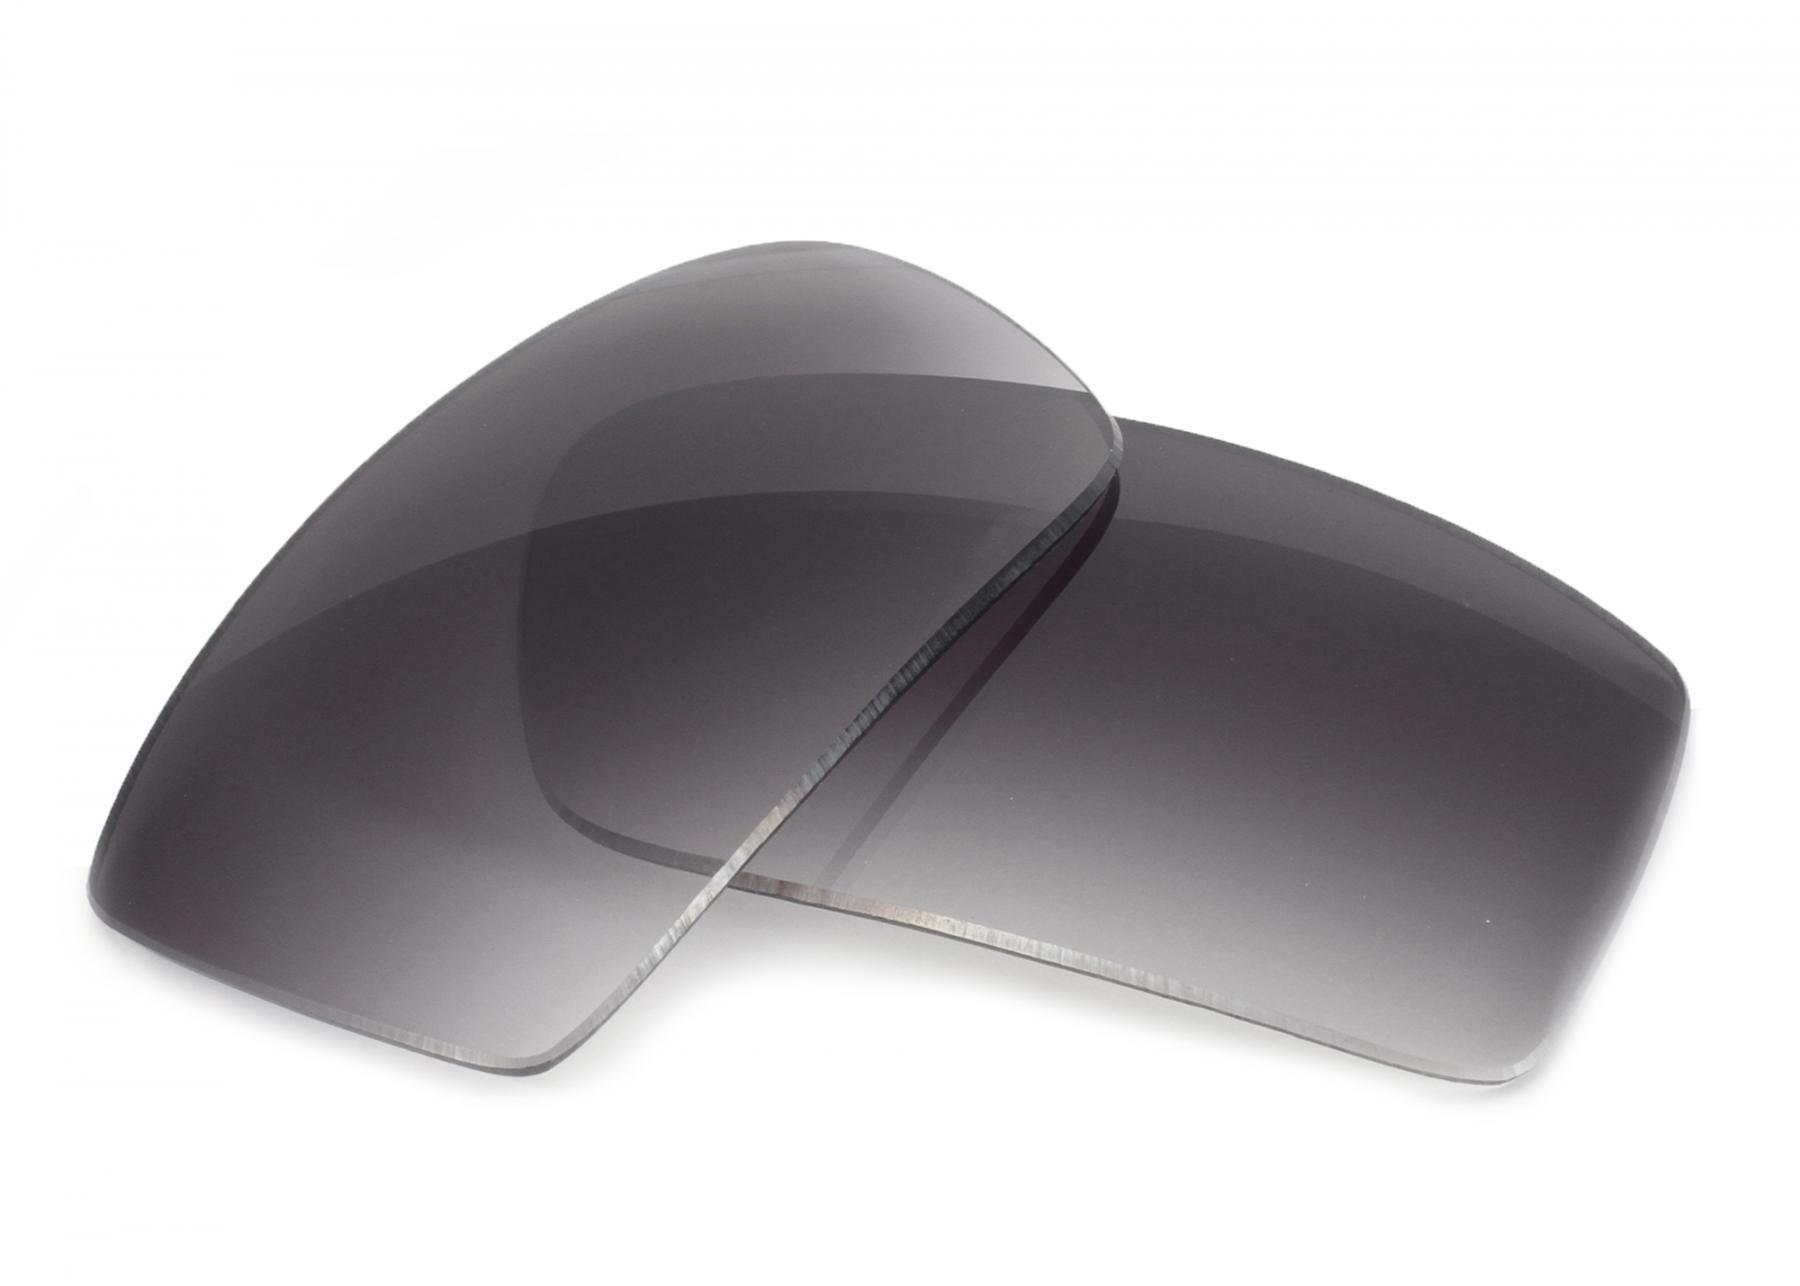 22eab8efe6 FUSE Lenses for Oakley Urgency Amber   Rose F30 Polarized Lenses ...